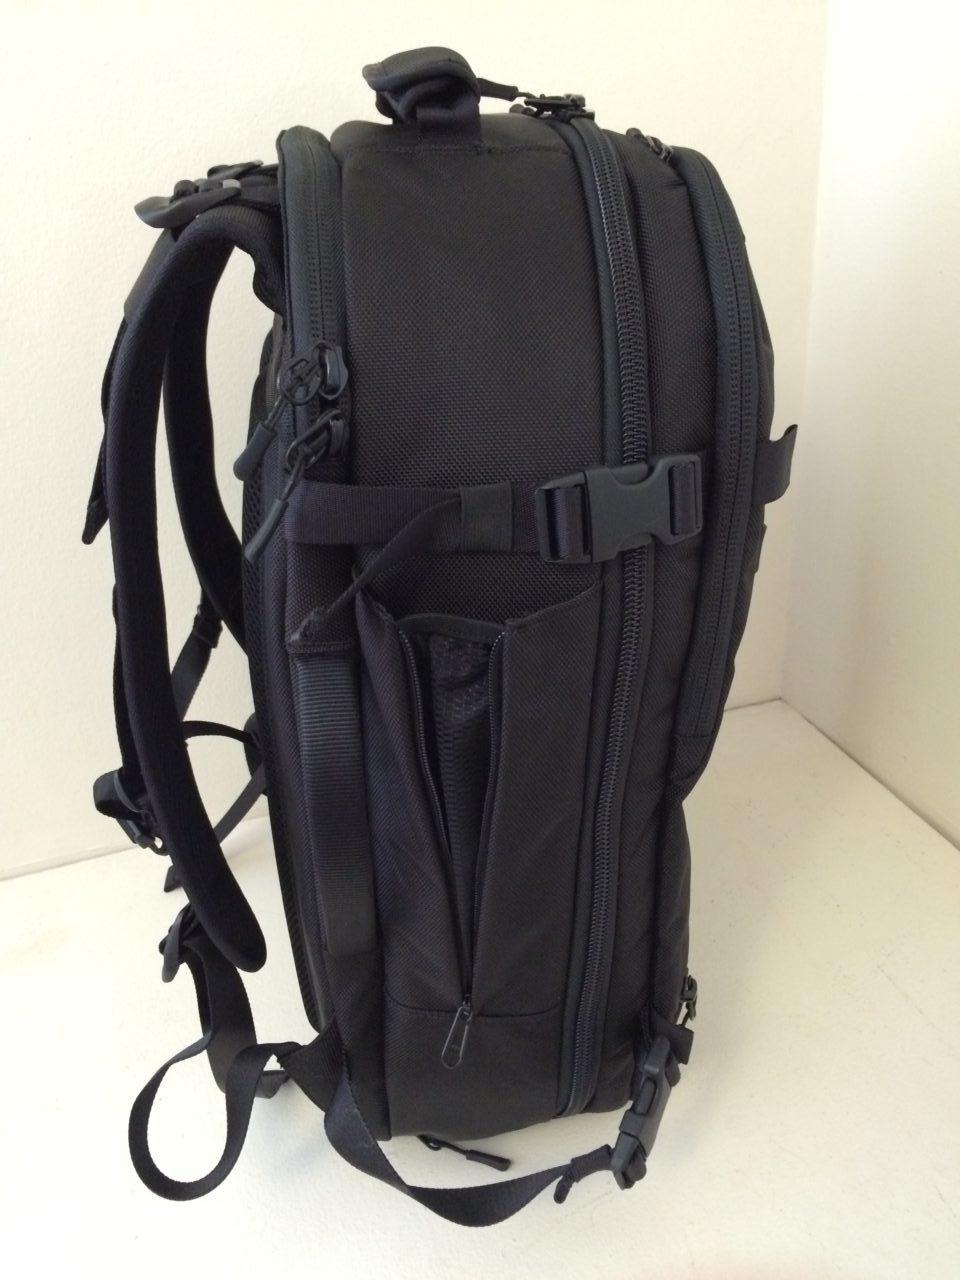 Aer Travel Pack water bottle pocket